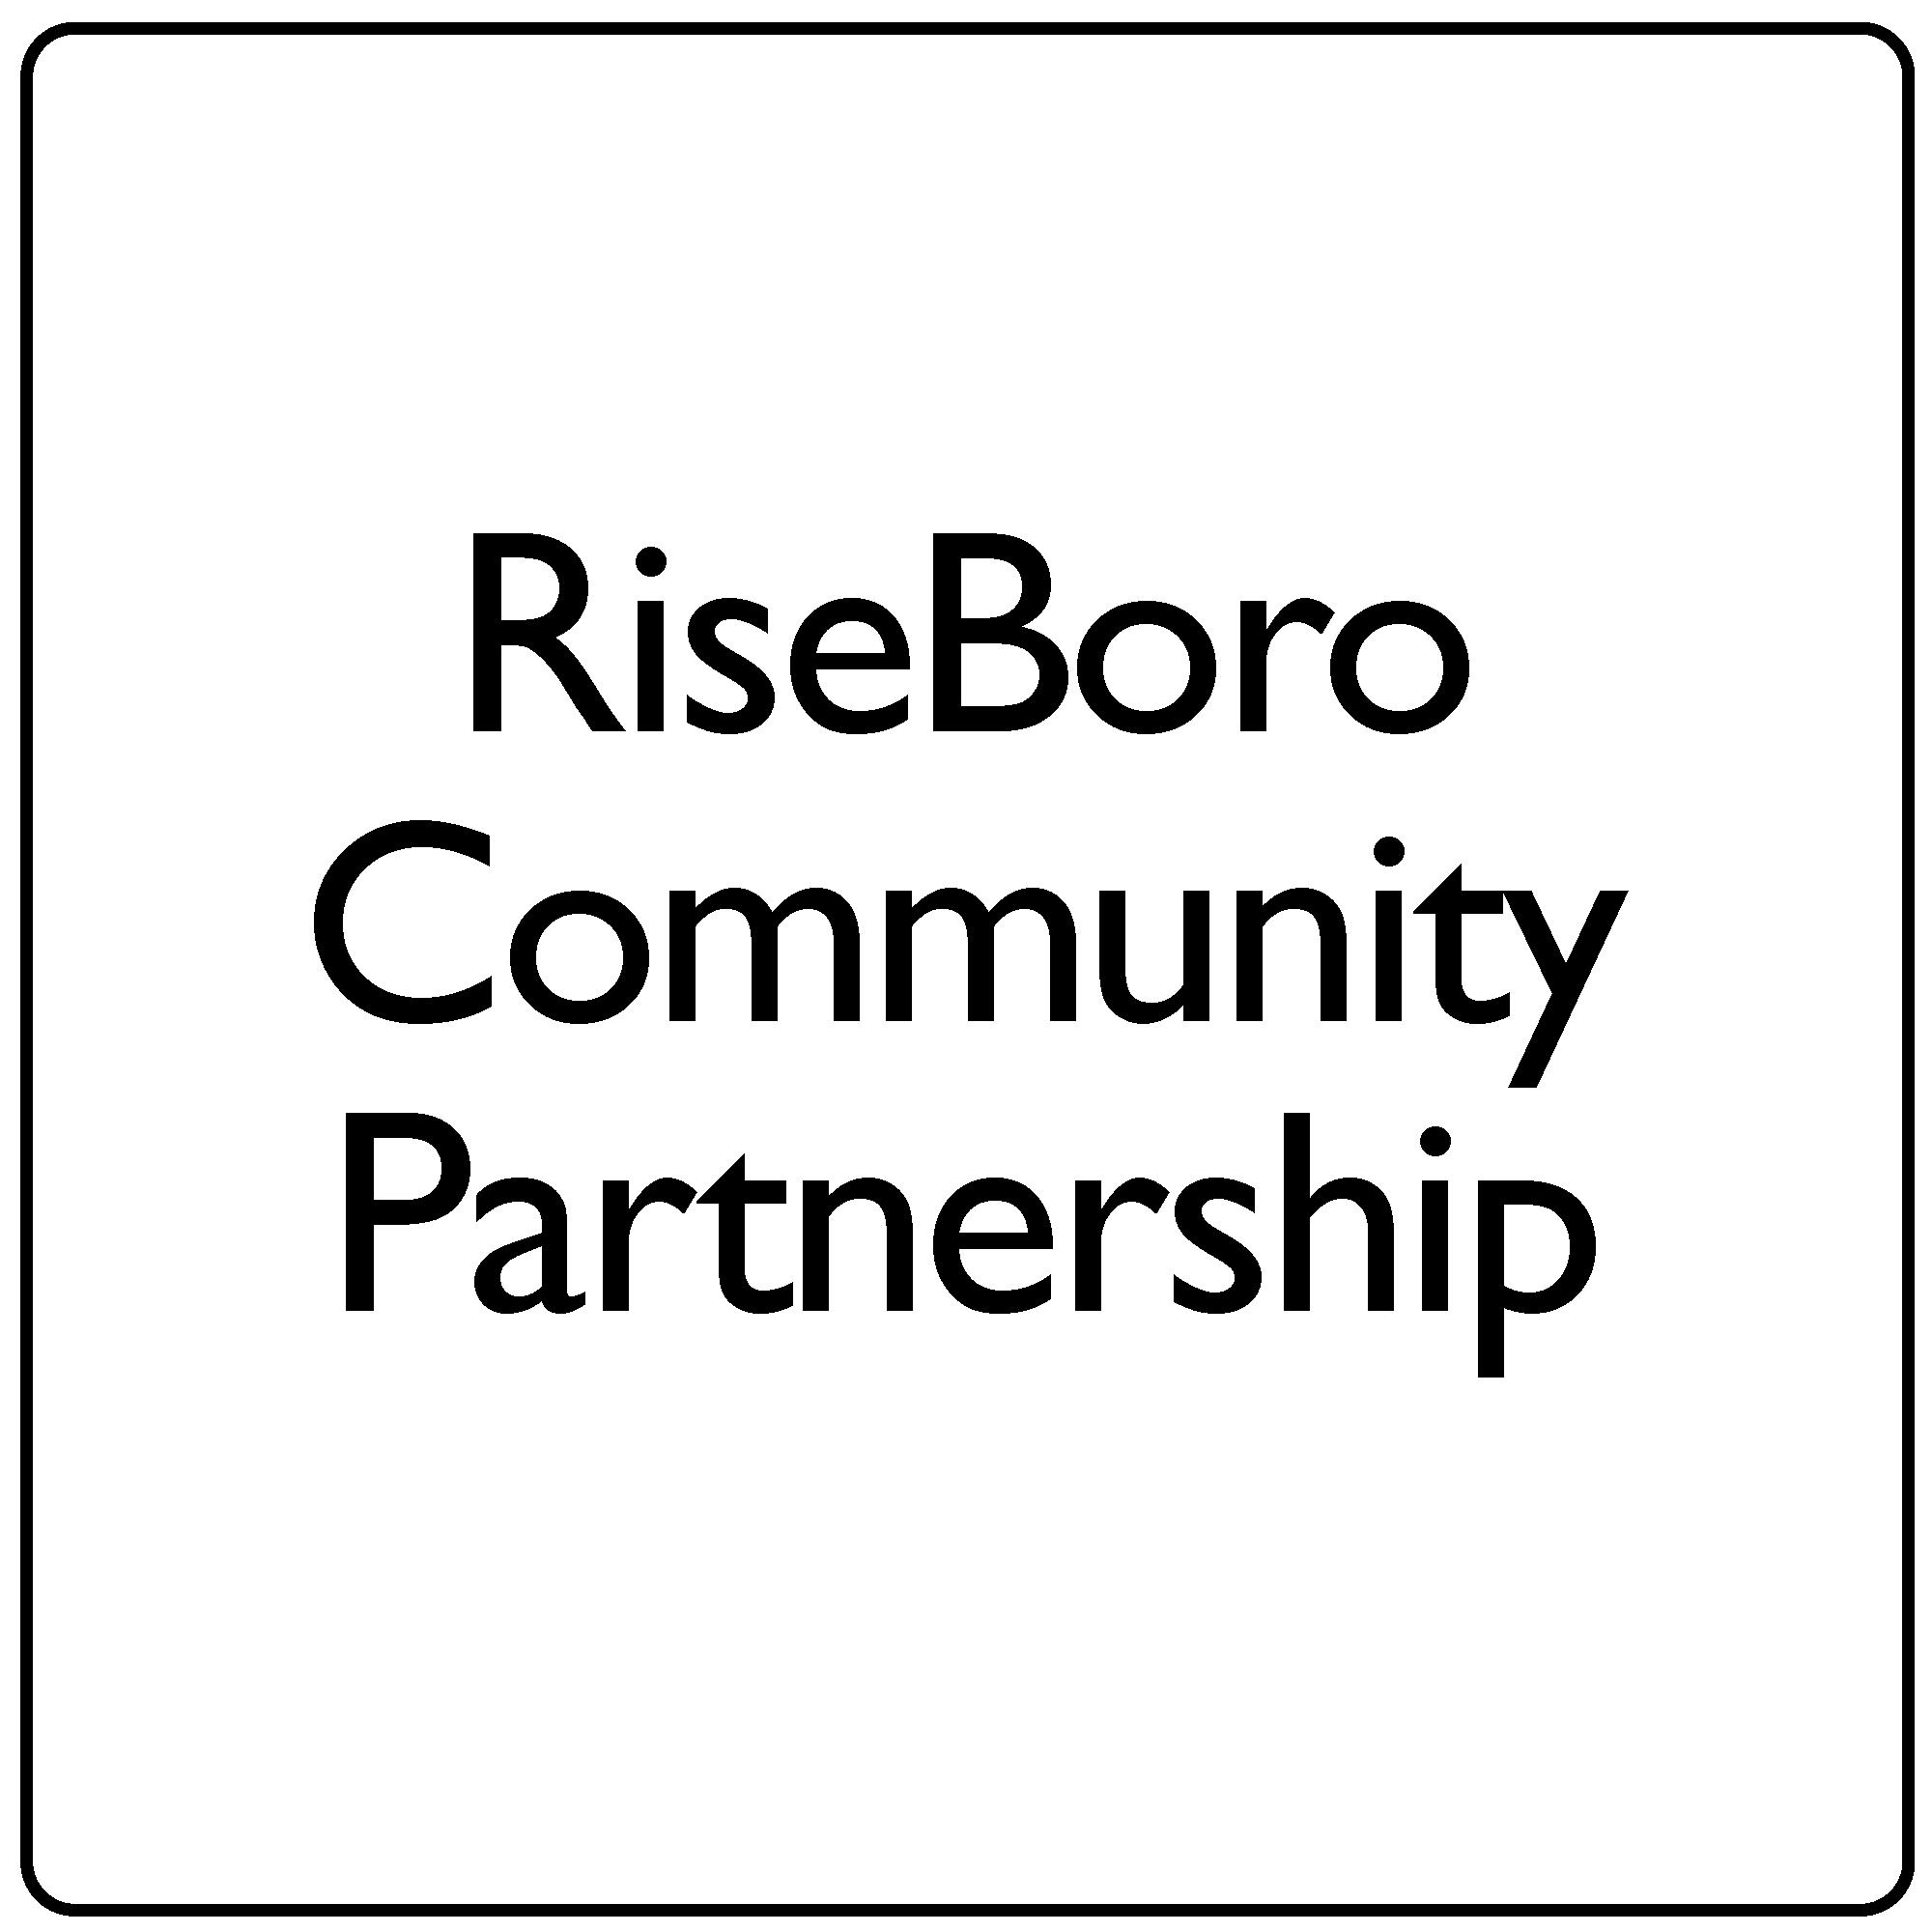 riseboro_RiseBoro.jpg